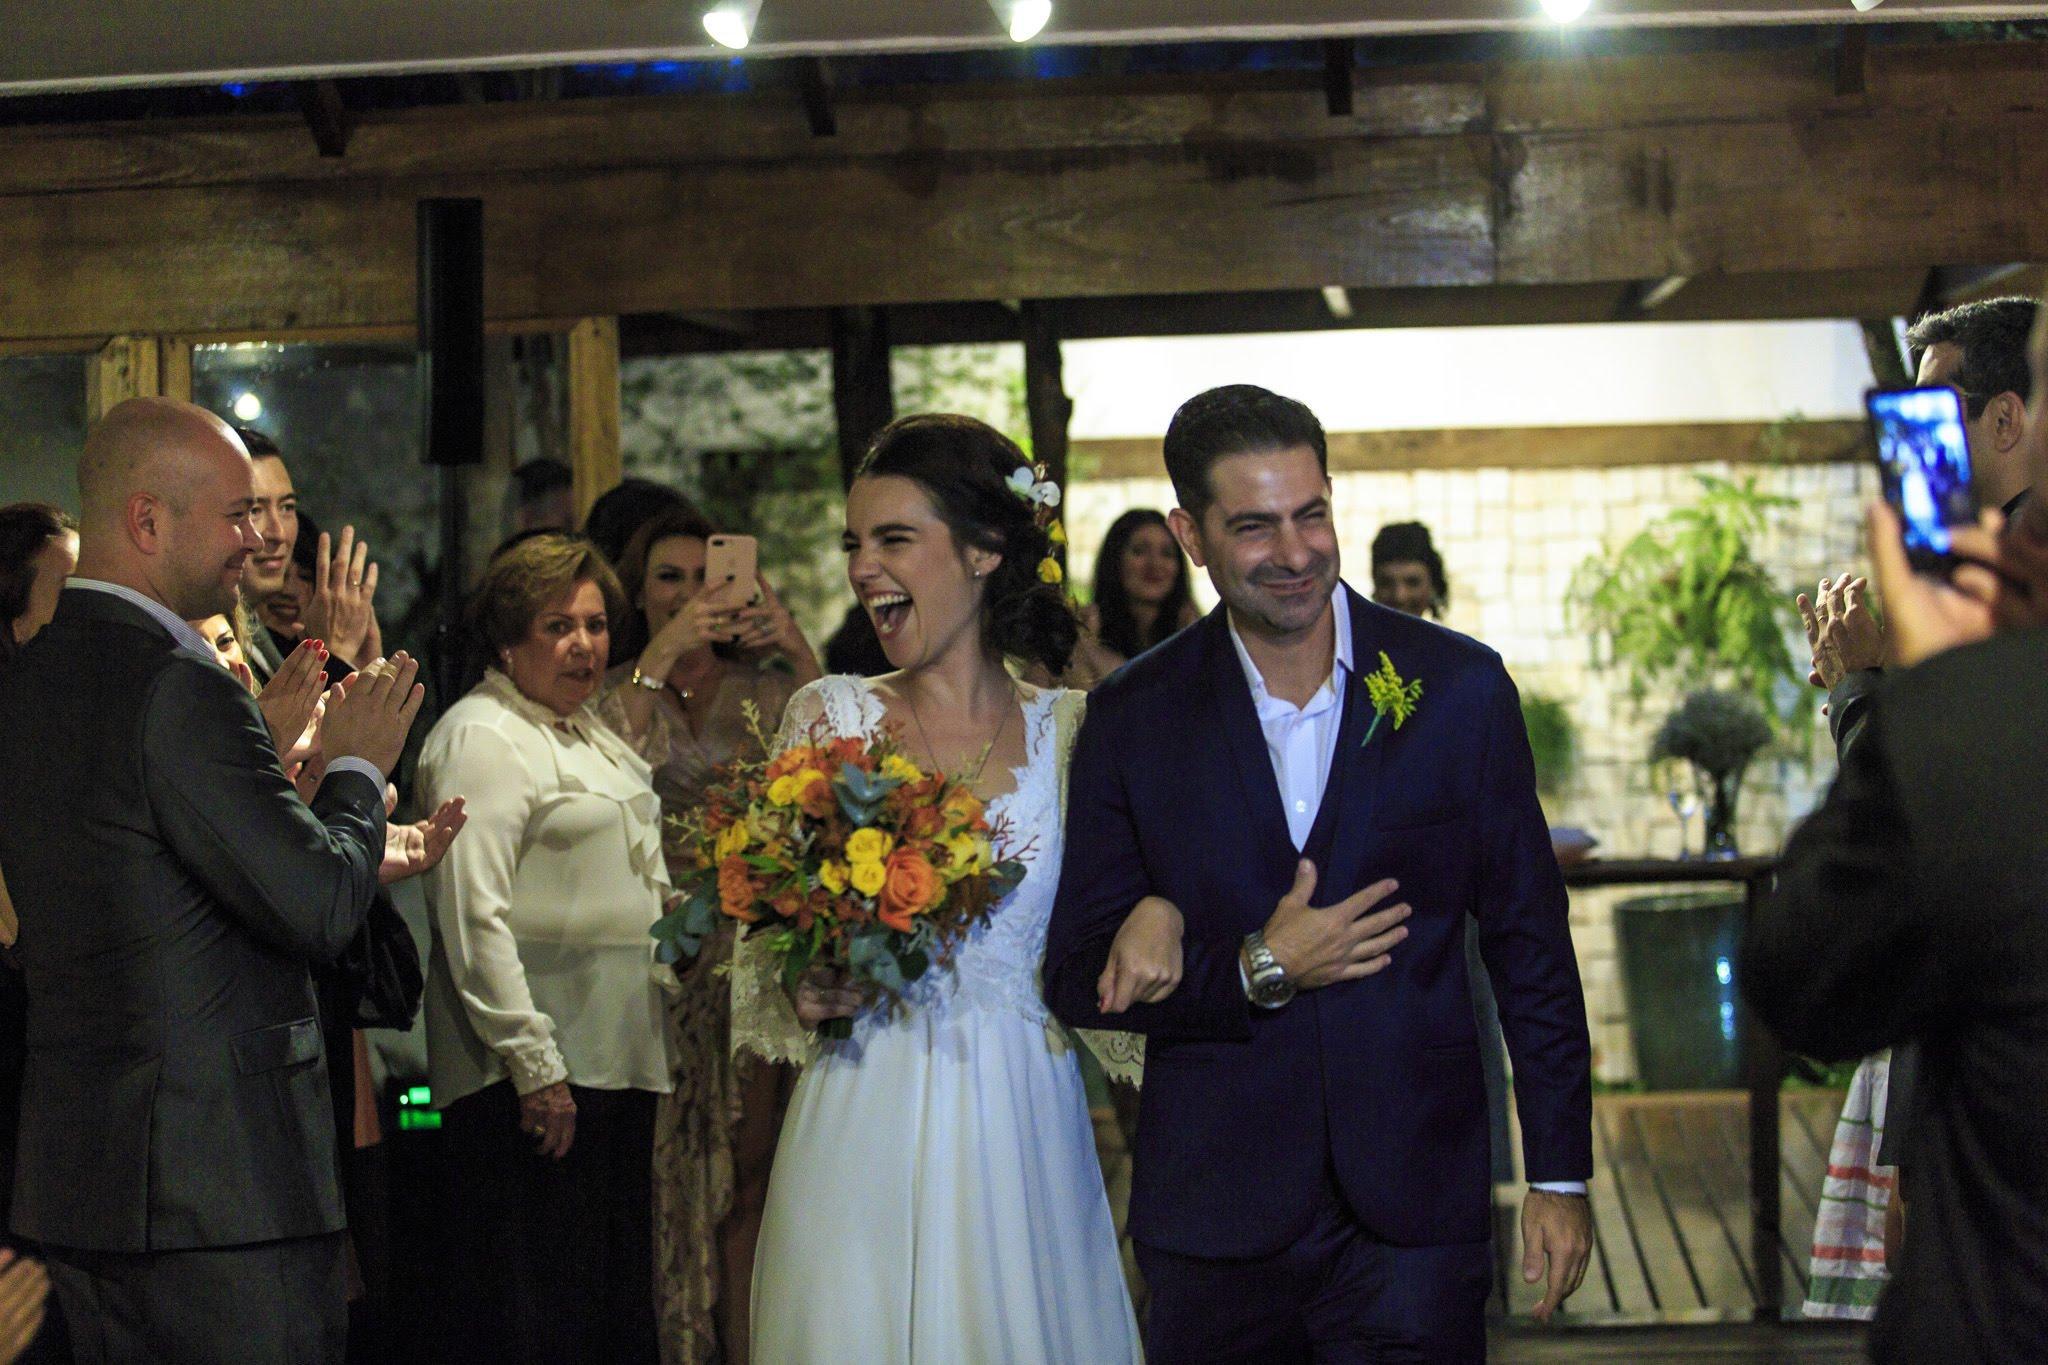 5 curiosidades sobre casamento que você precisa conhecer (Parte 2)